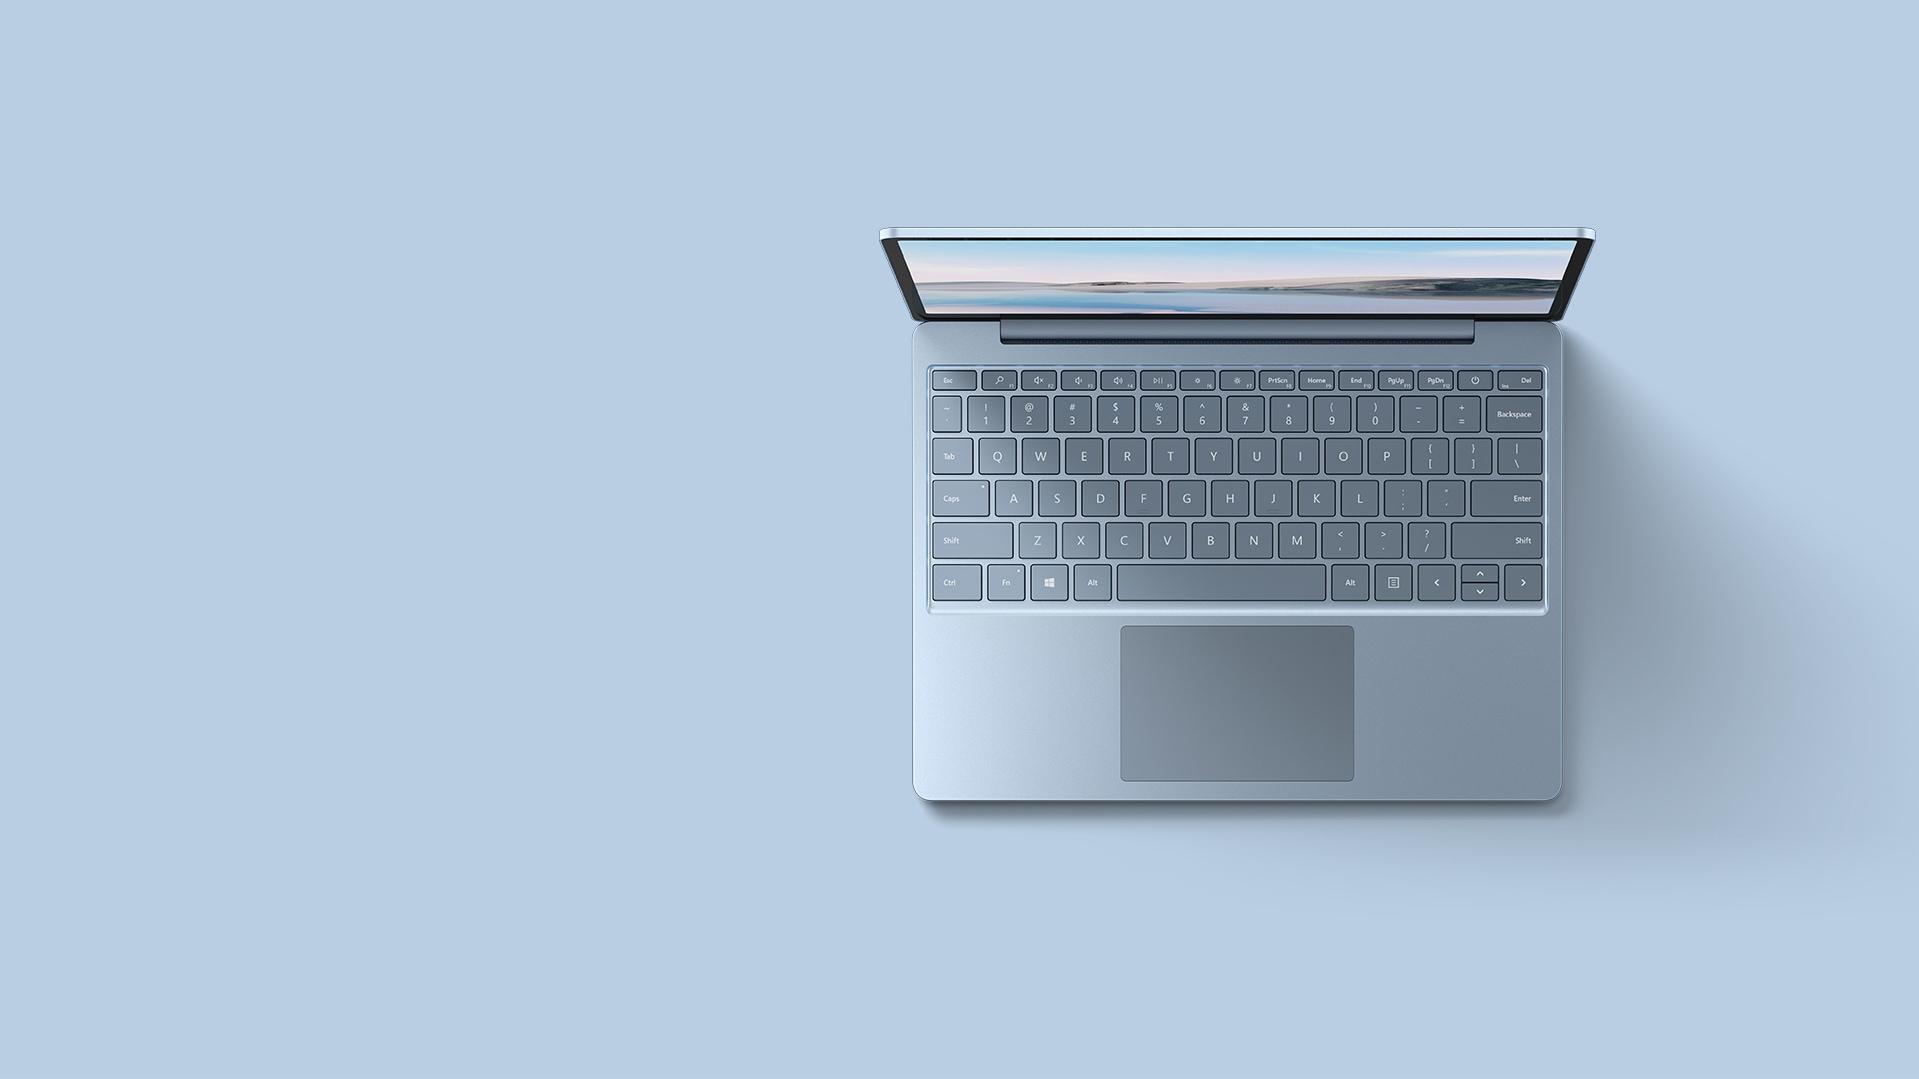 Eine Luftaufnahme des Surface Laptop Go in Eisblau vor einem passenden Hintergrund.